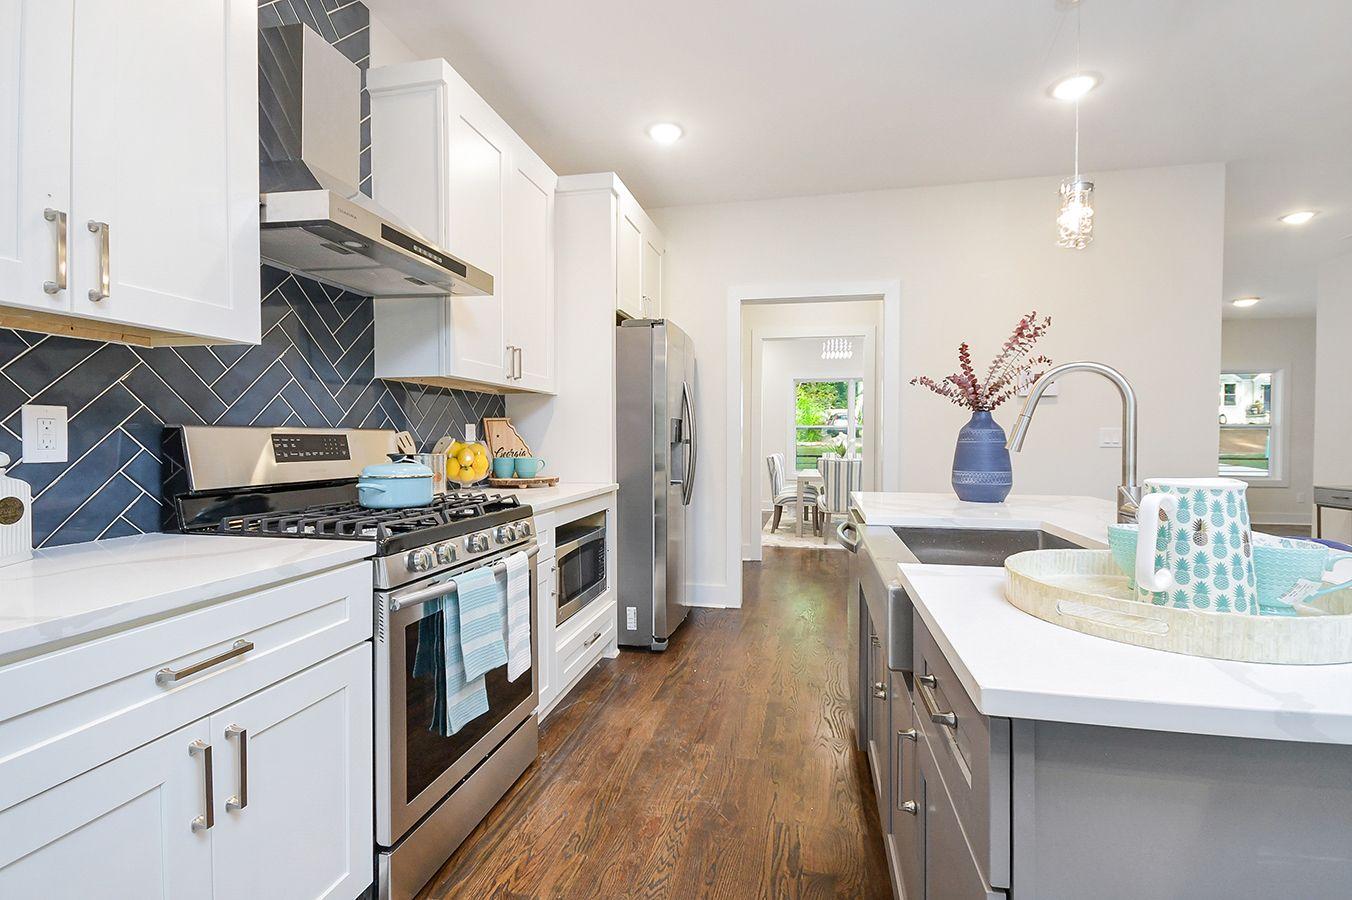 Kitchen_view4 (2).jpg